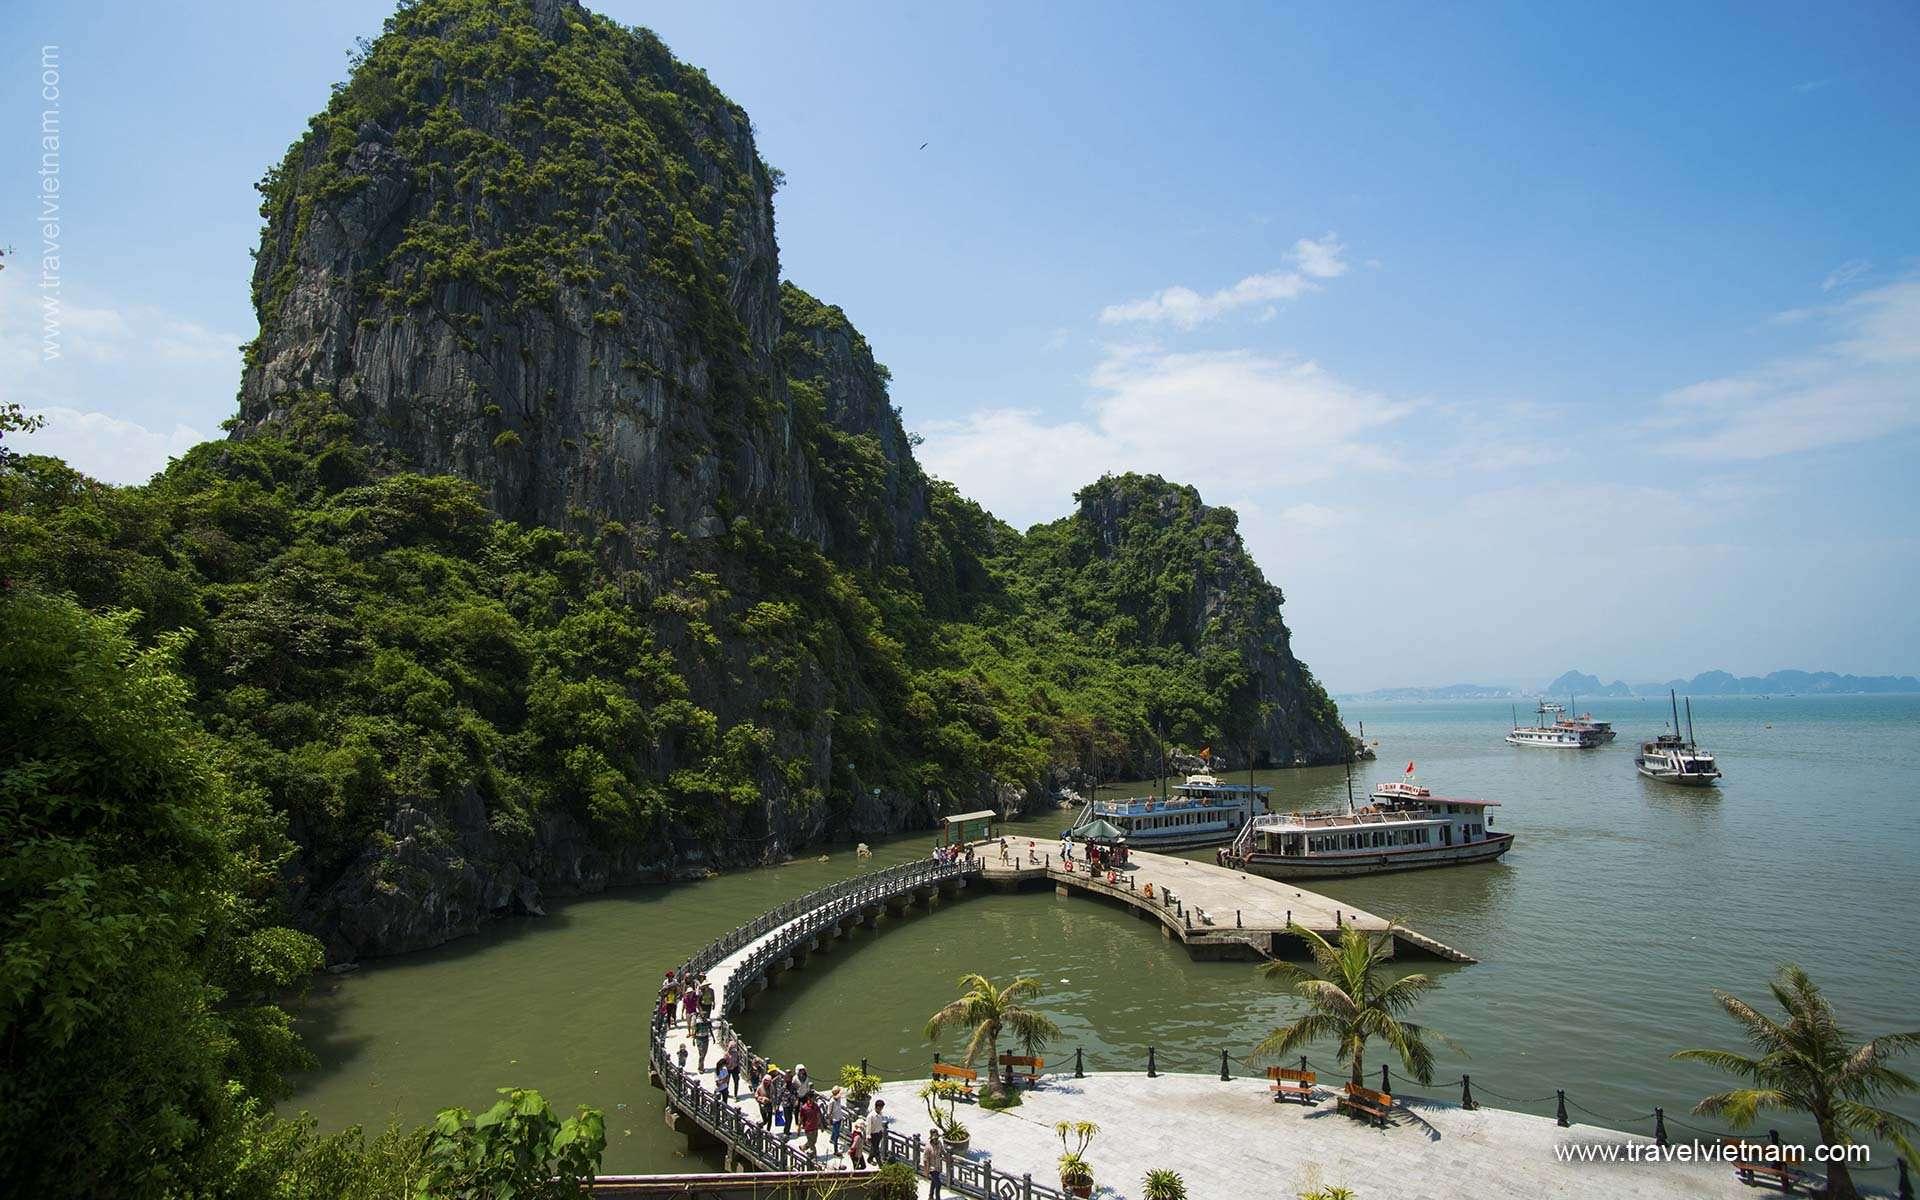 Il viaggio di lusso in Vietnam - 9 Giorni 8 Notti